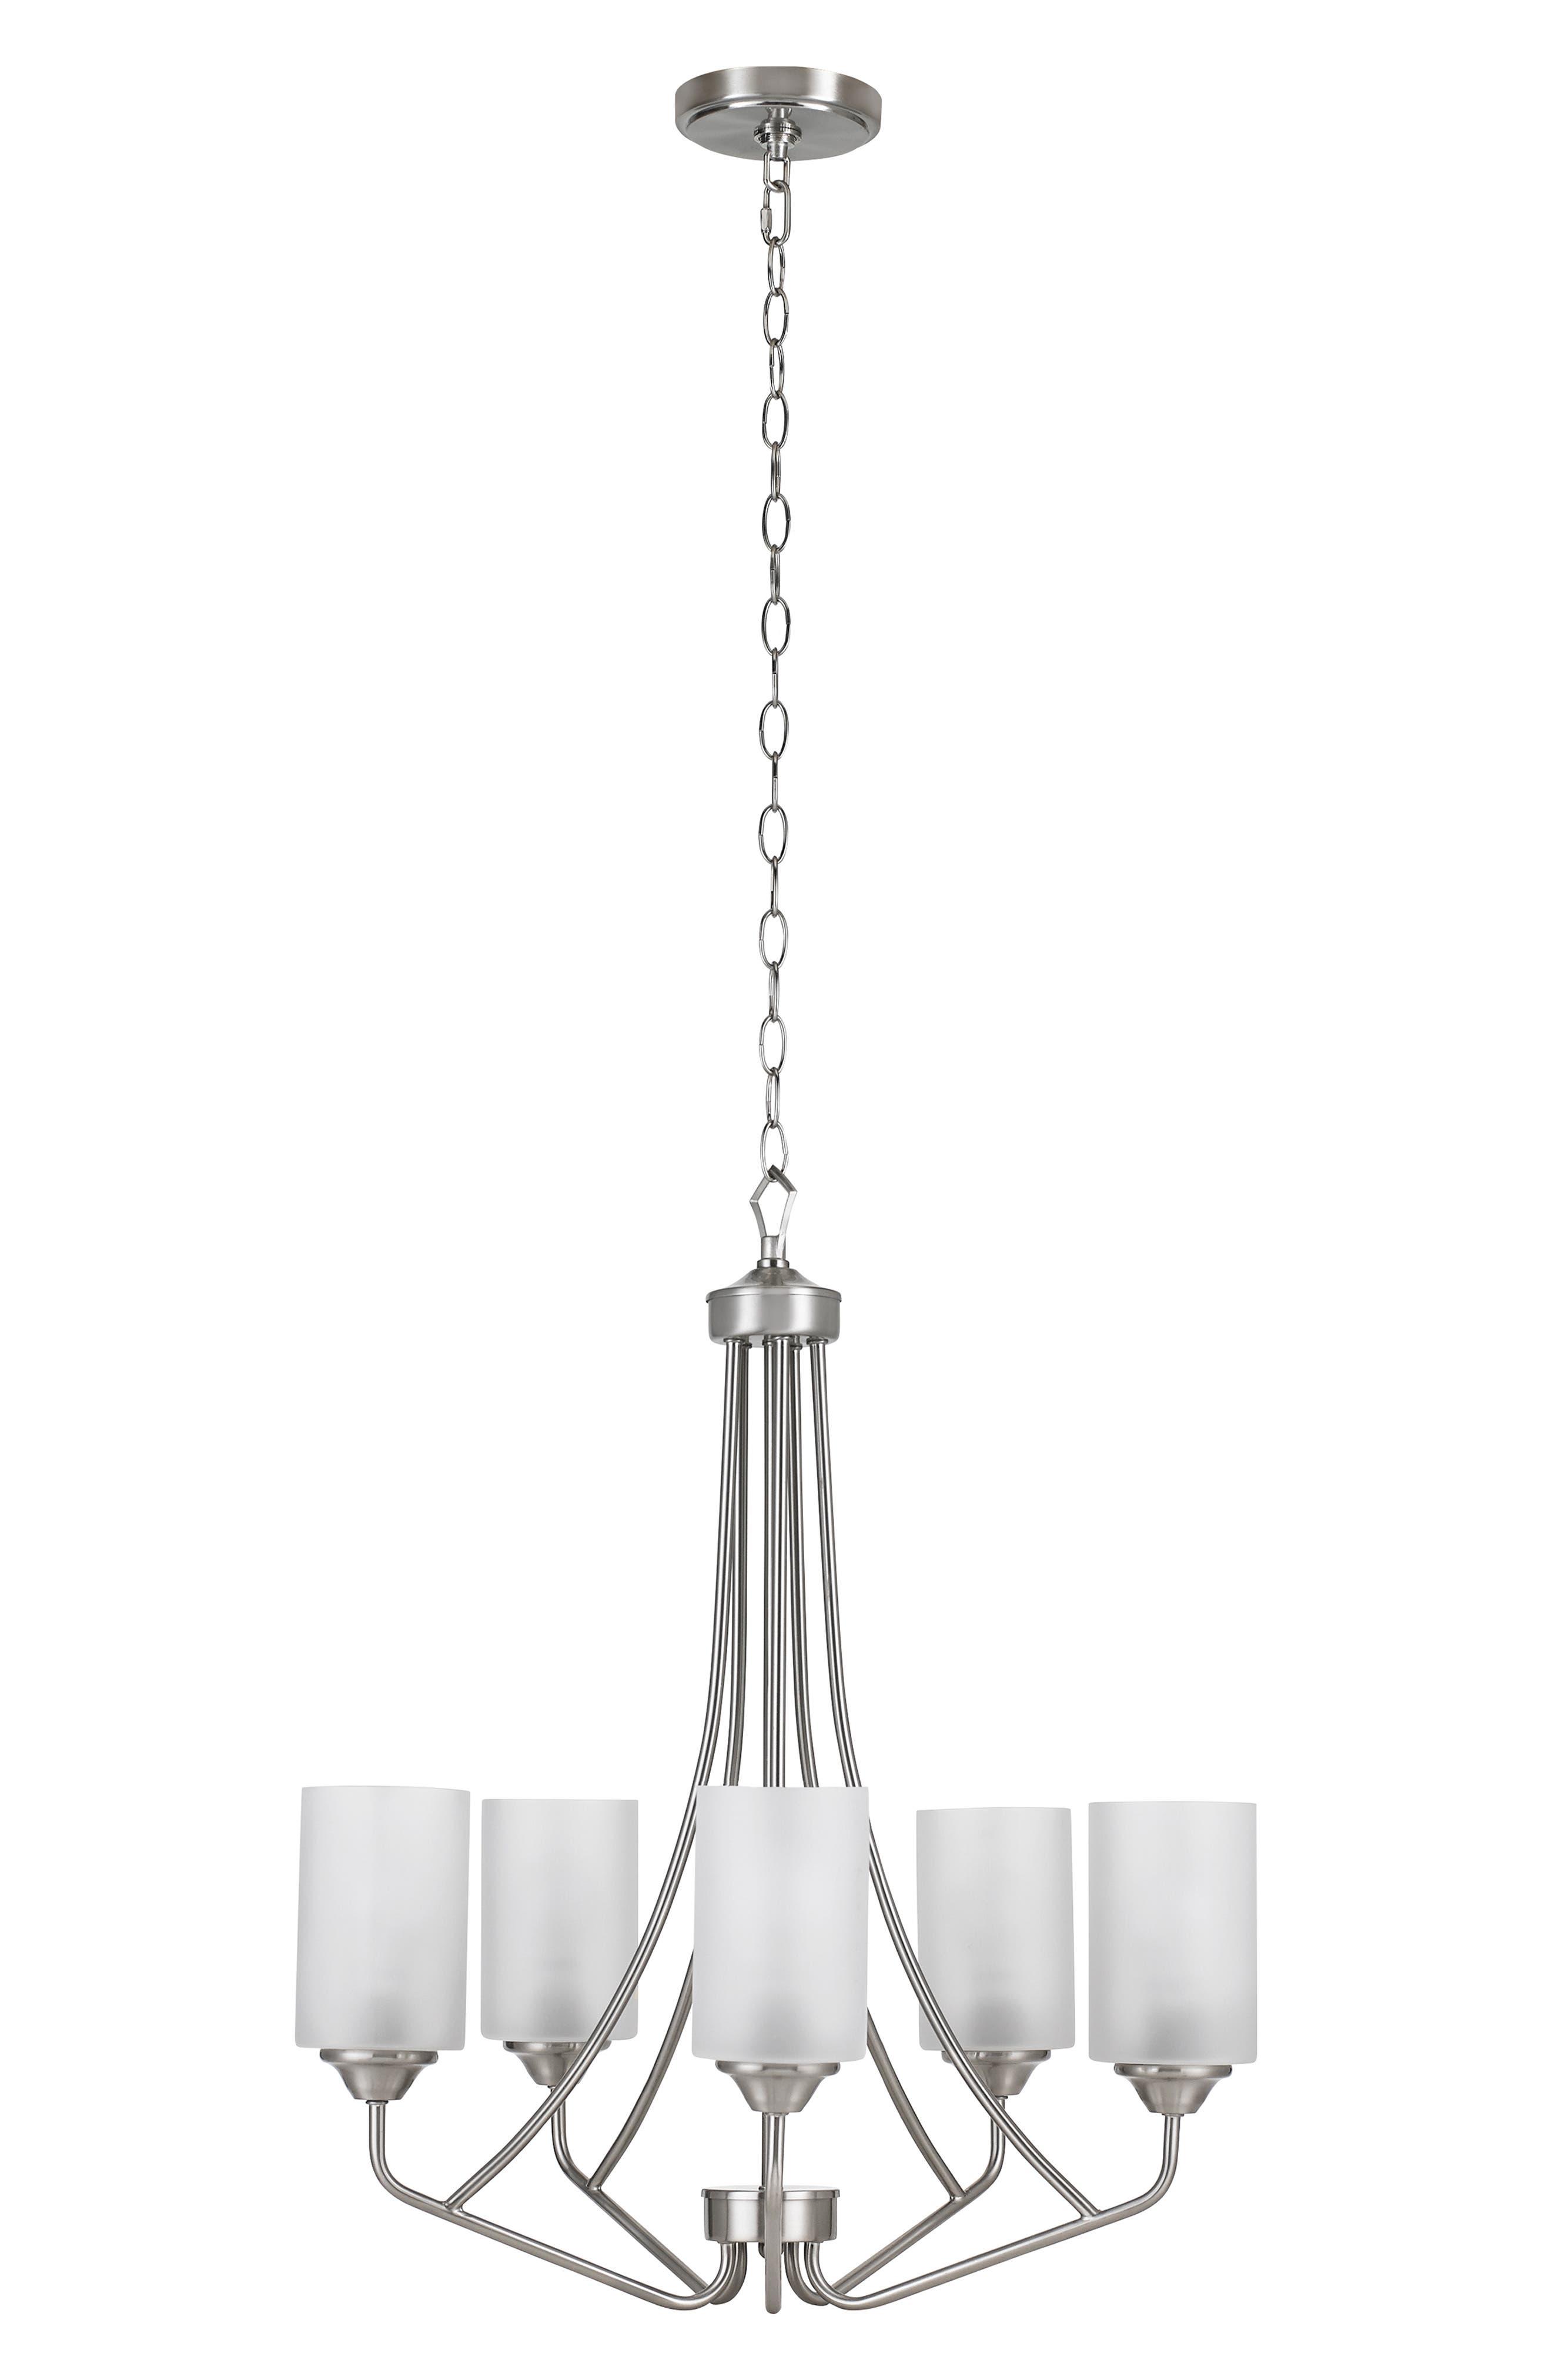 Jalexander Lighting Harper FiveLight Chandelier Size One Size  Metallic